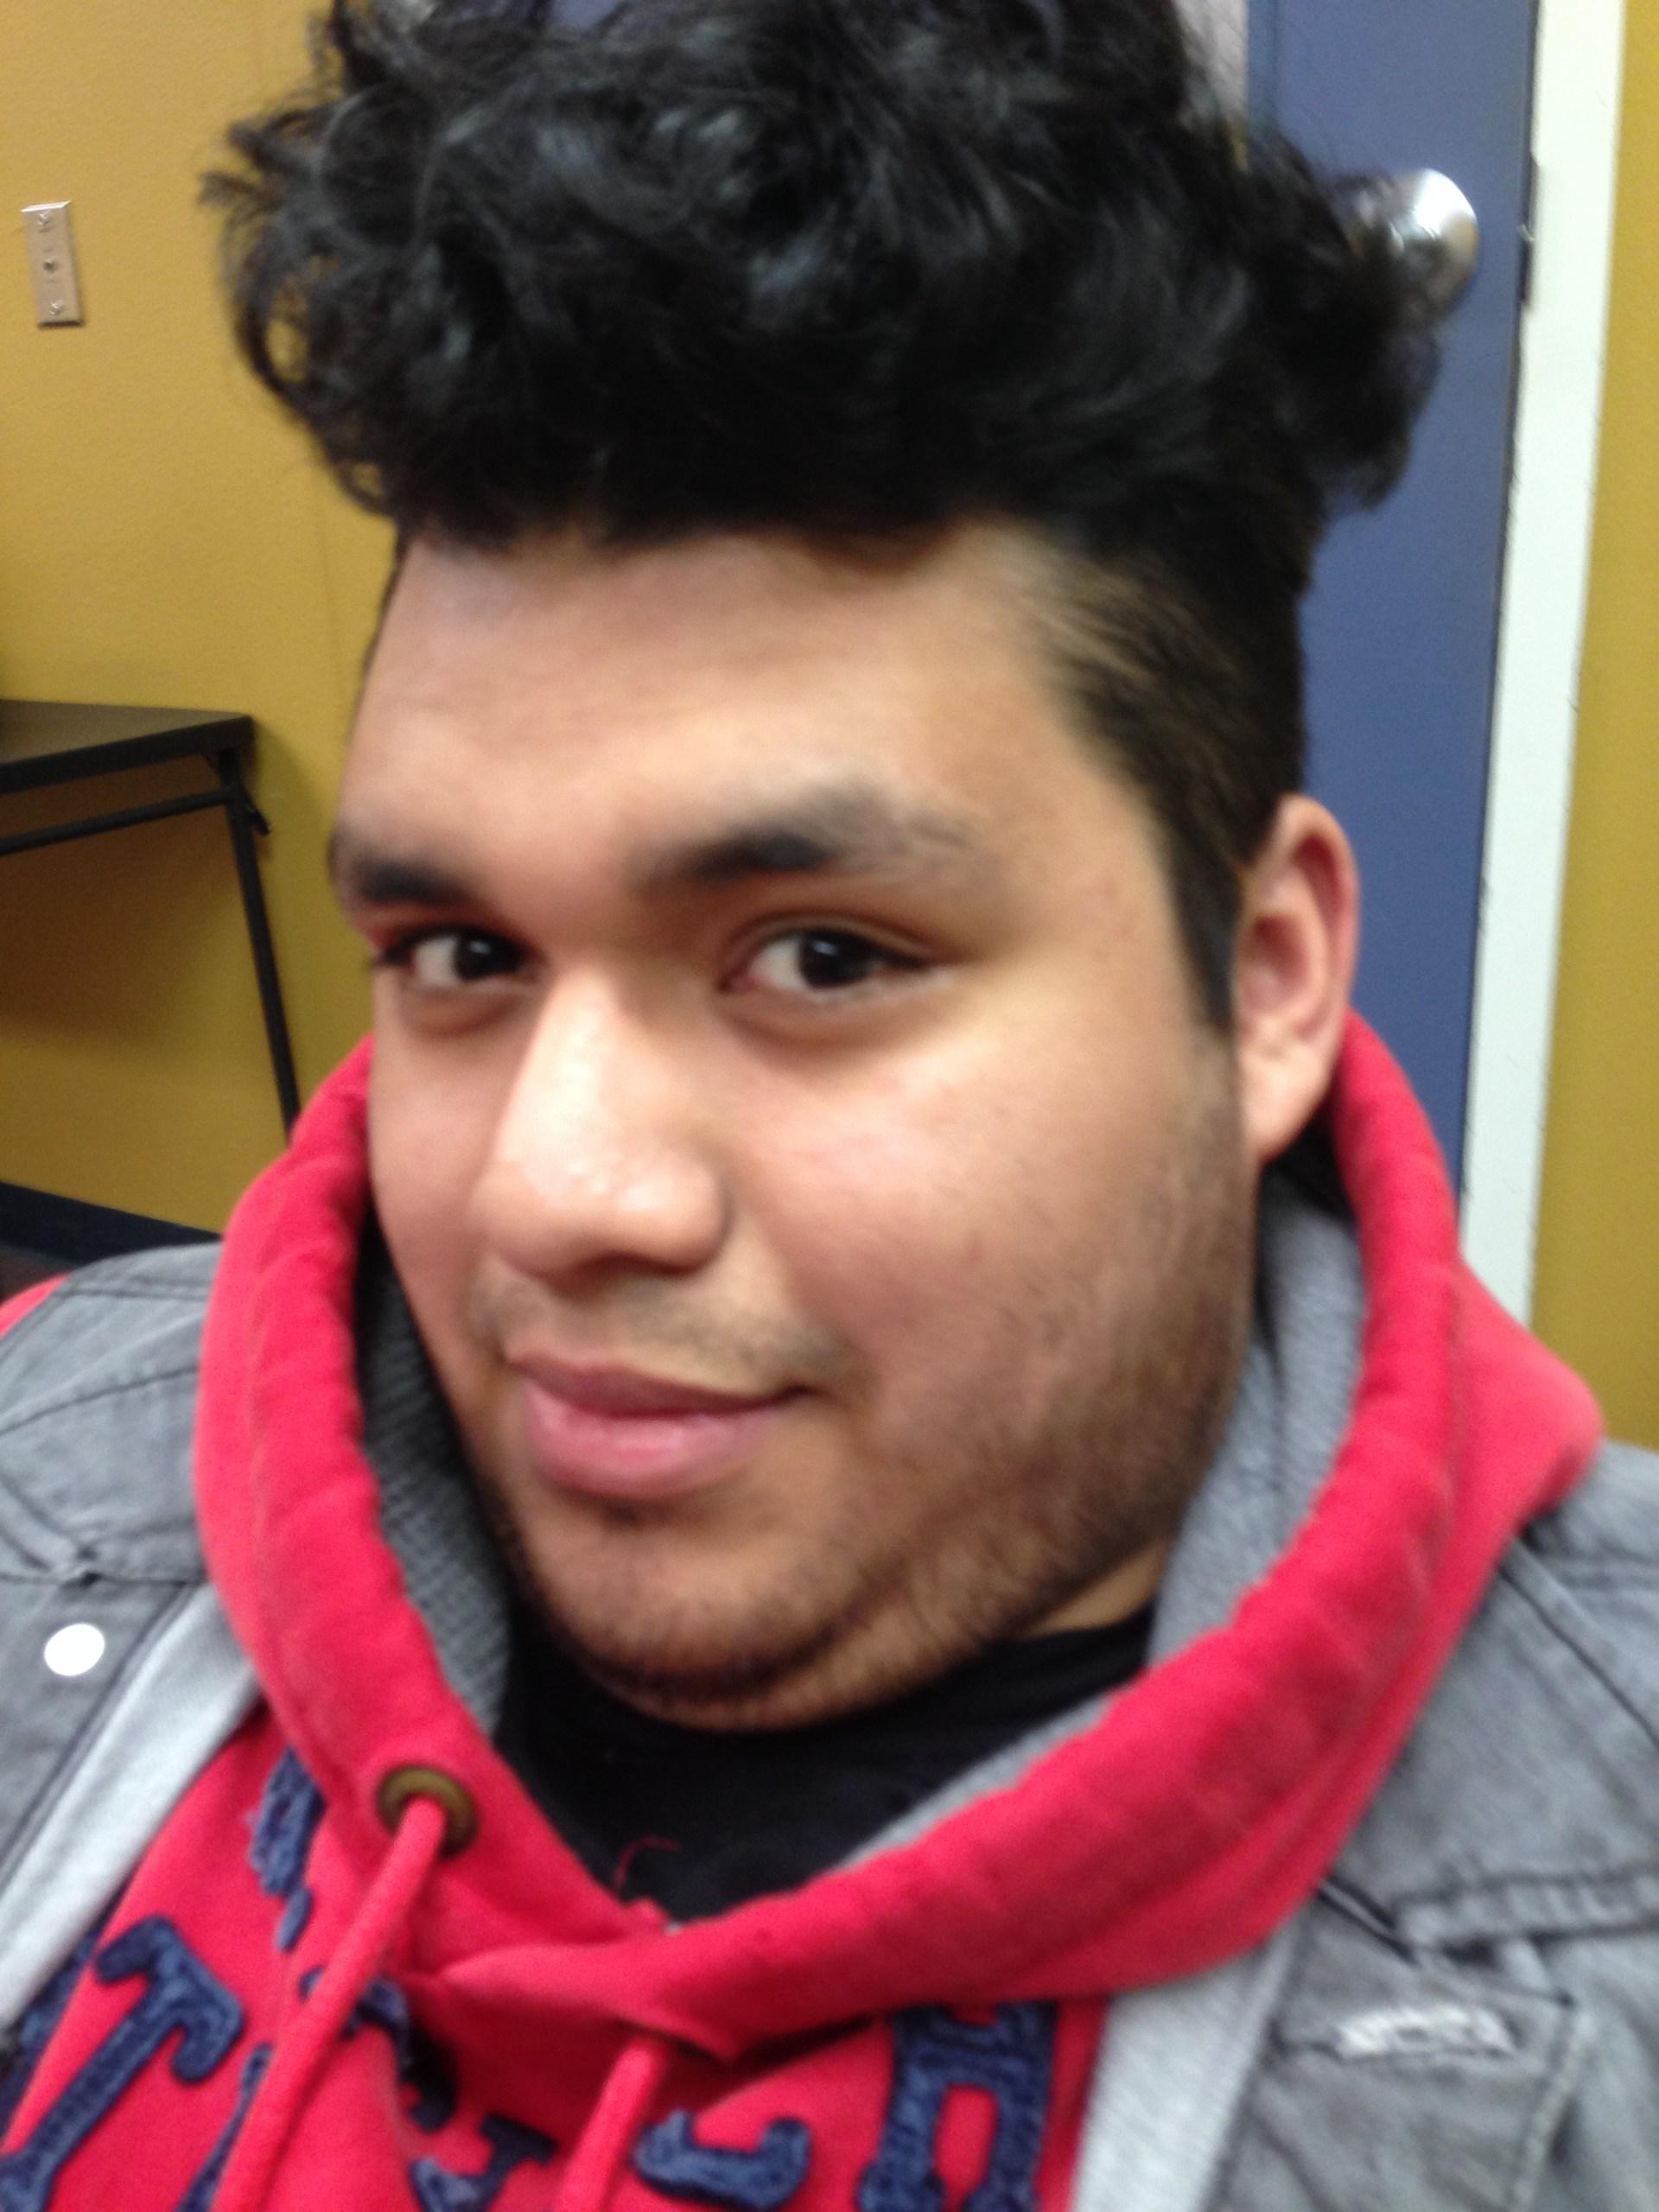 Jonathon Mendez goofing around.